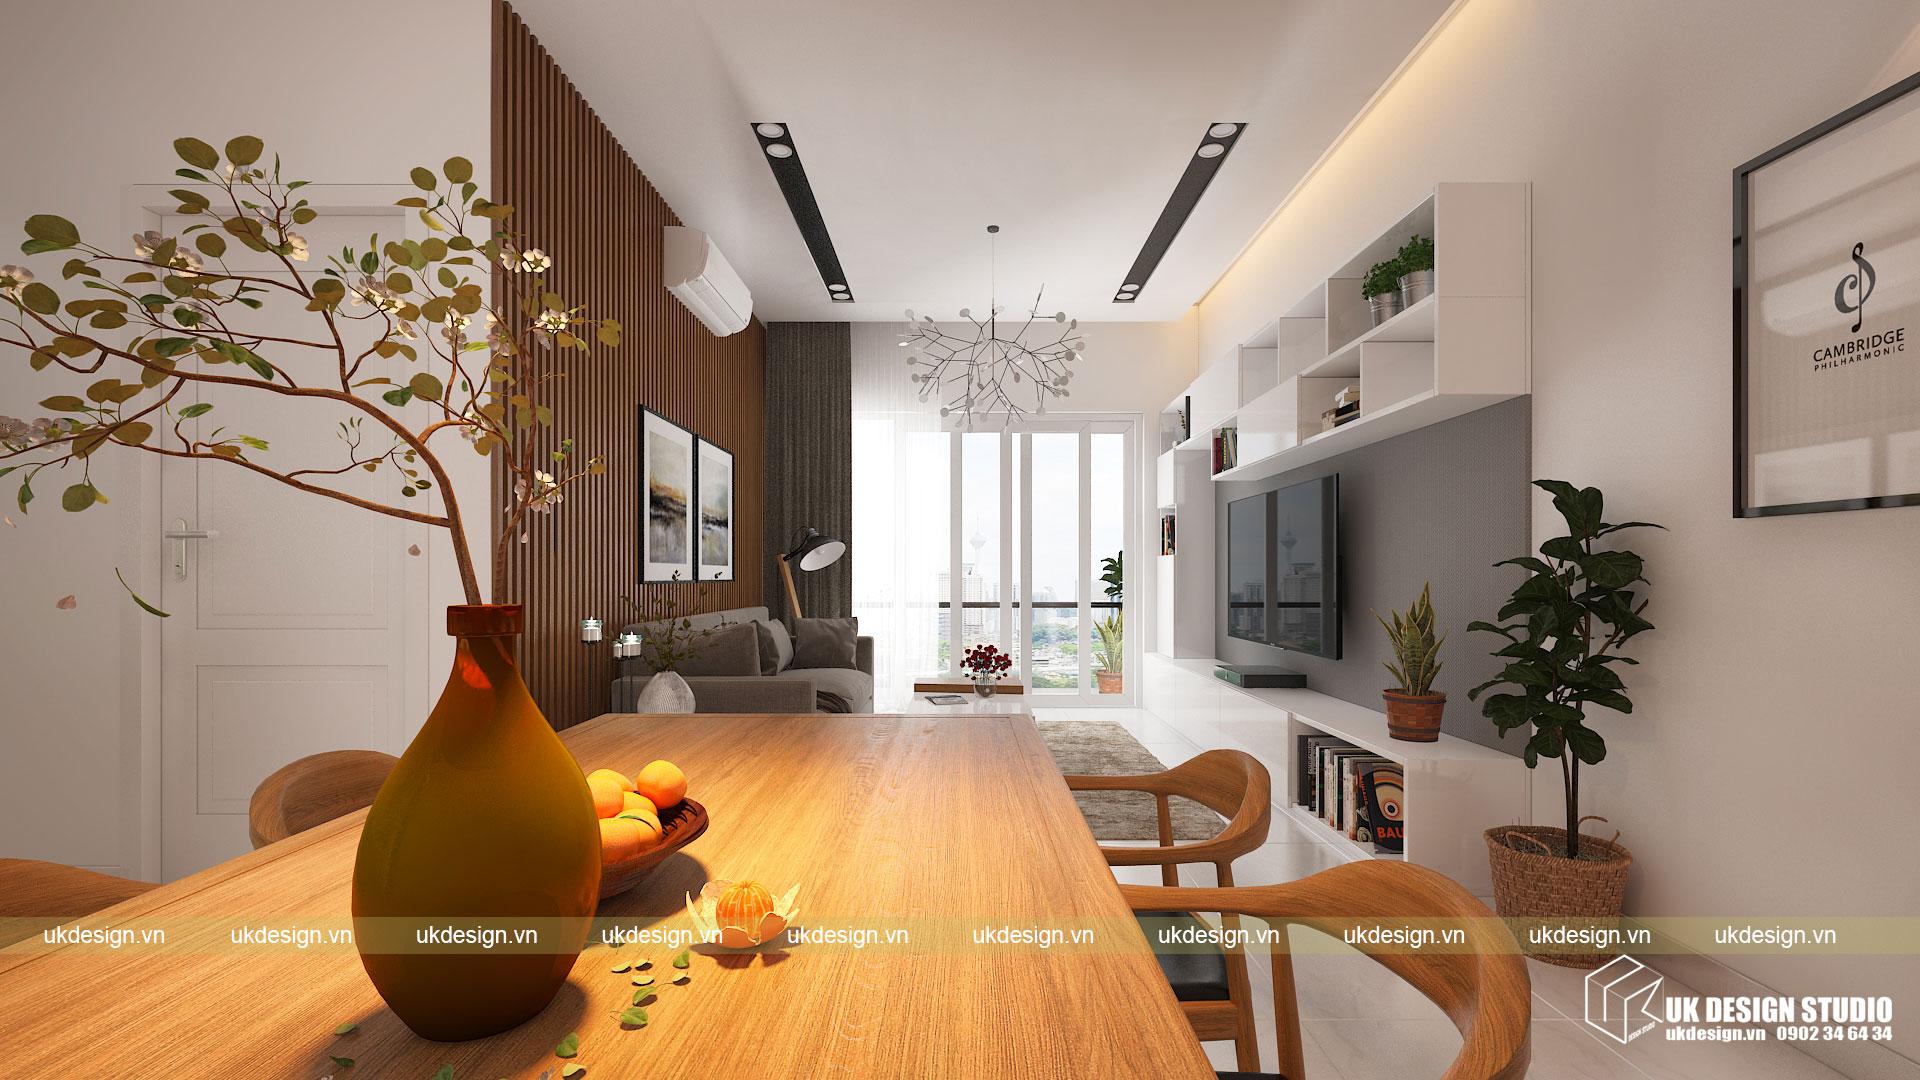 Thiết kế nội thất căn hộ 60m2 Hưng Lộc Phát 2